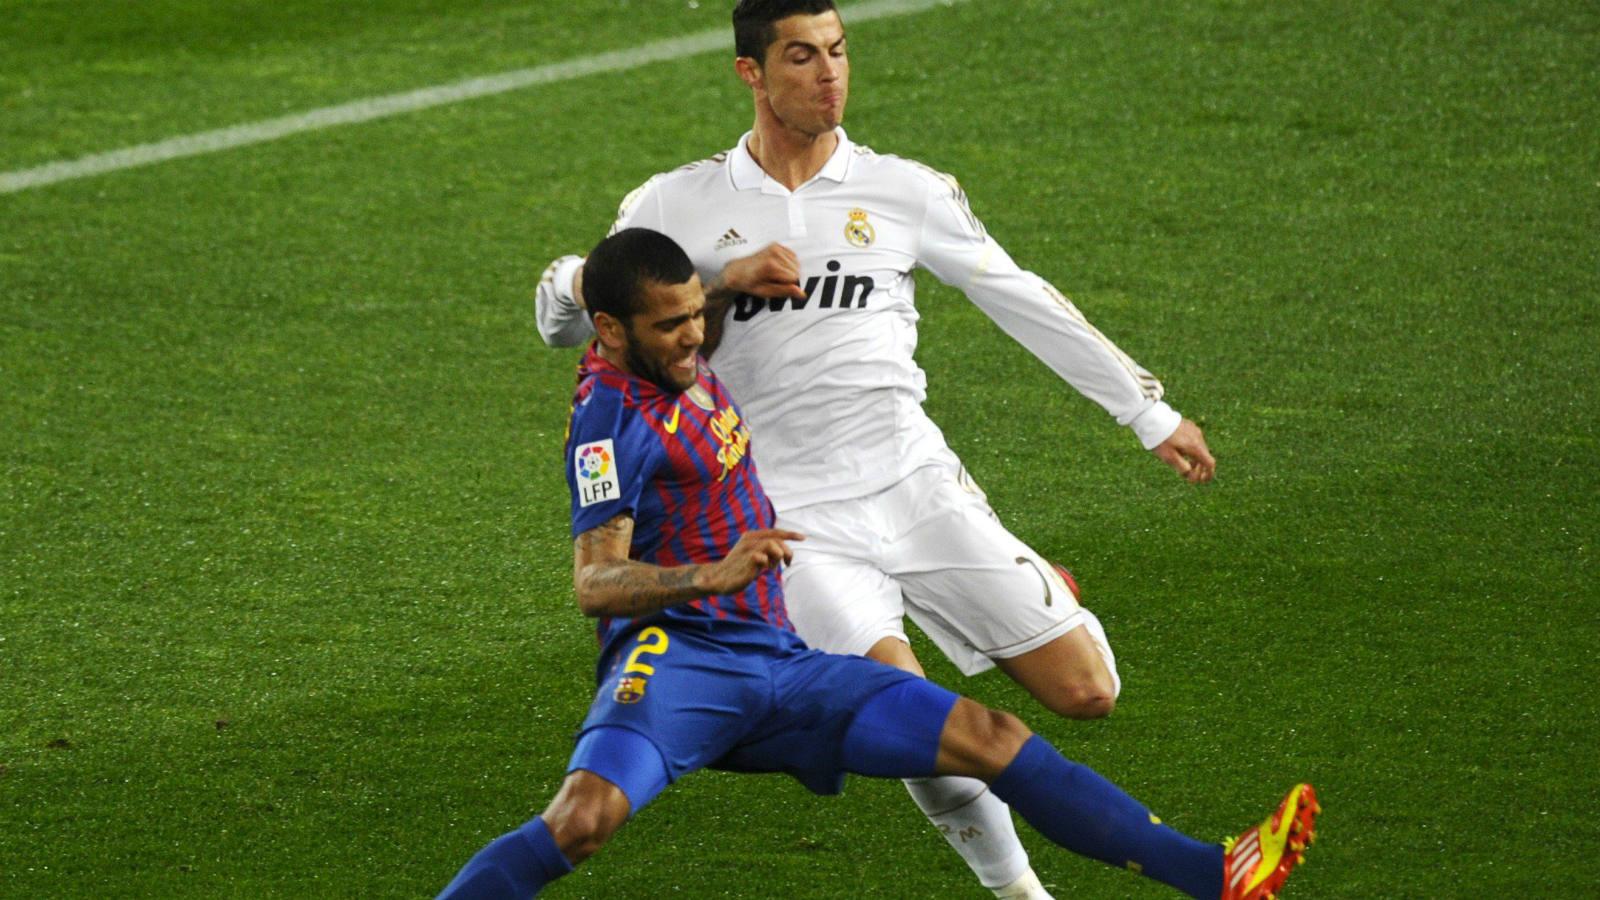 Las imágenes del clásico de vuelta copero - Deportes ABC Fútbol - ABC.es